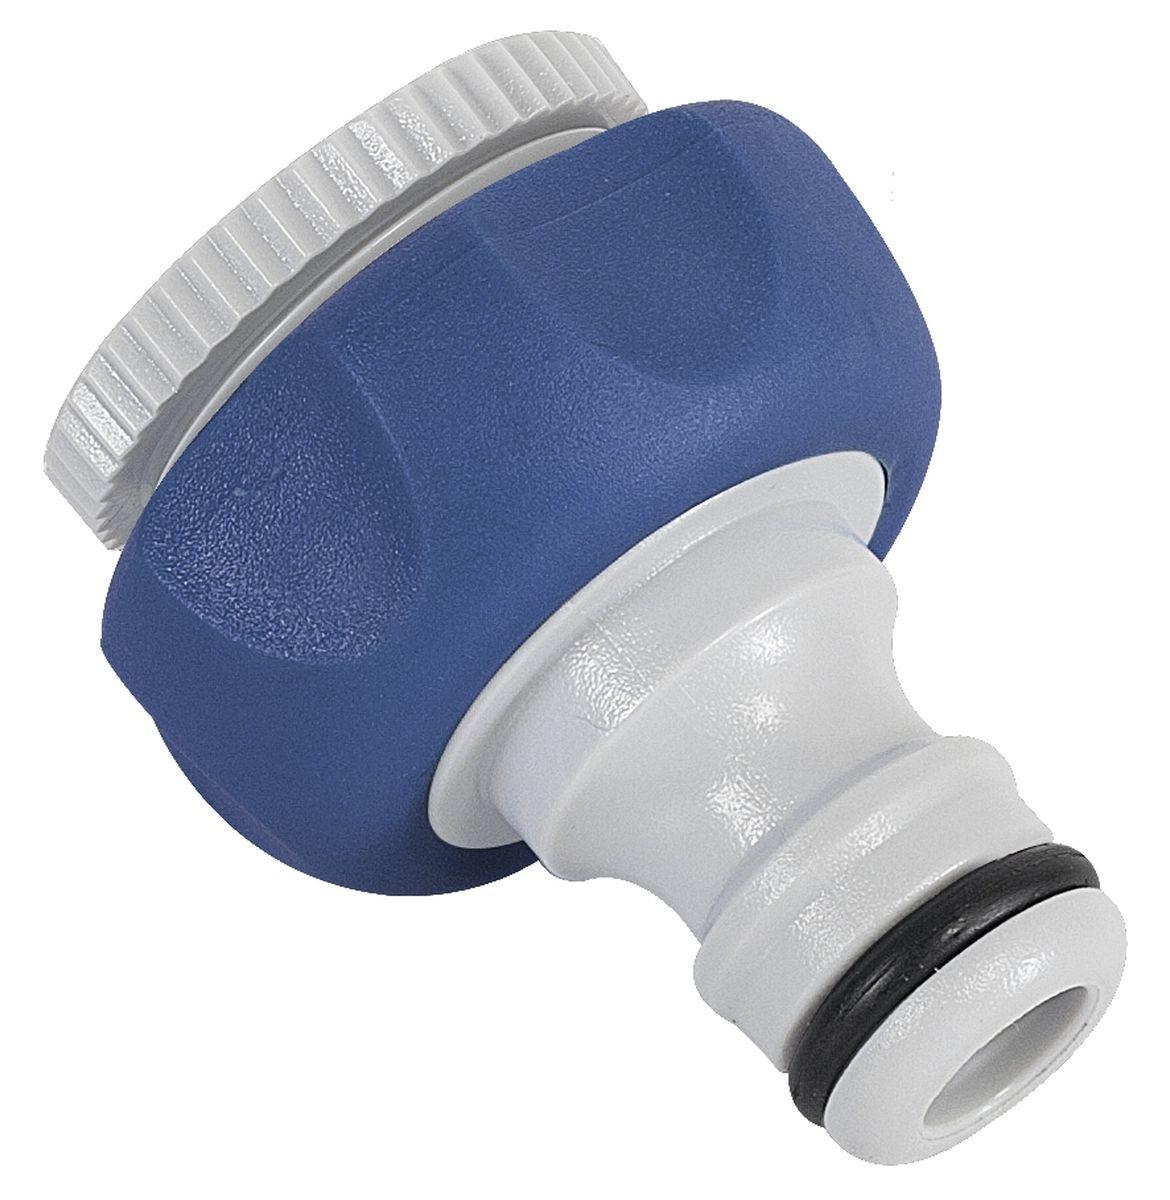 Штуцер резьбовой Green Apple, с переходником, диаметр 12 мм - 19 мм106-026Резьбовой штуцер Green Apple изготовлен из высококачественного прочного пластика и термопластичной резины. Штуцер предназначен для соединения шлангов и насадок с кранами, имеющими внешнюю резьбу. В комплекте - дополнительный переходник.Диаметр: 1/2, 3/4.